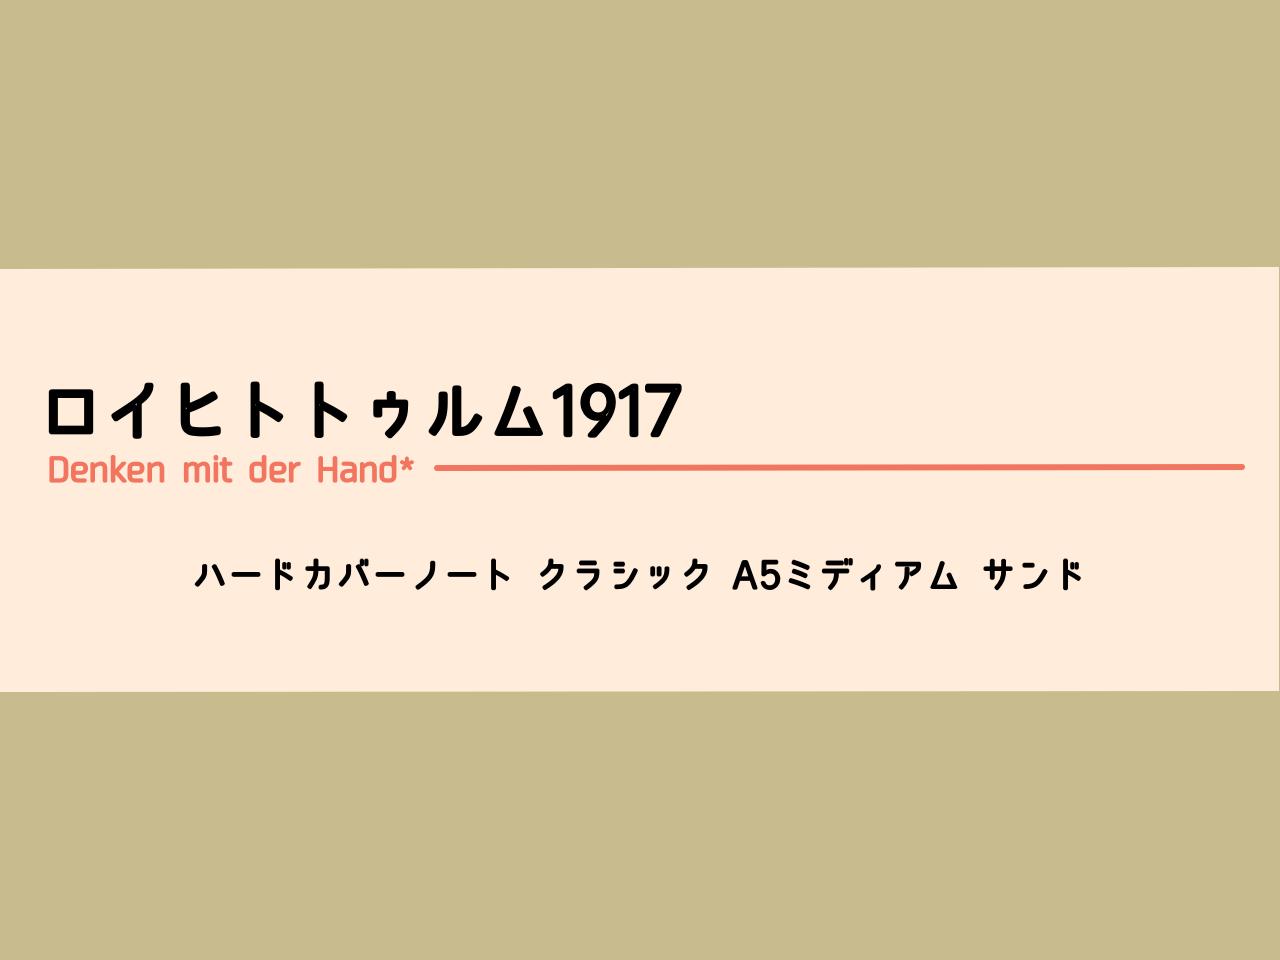 ロイヒトトゥルム1917 ハードカバーノート クラシック A5ミディアム サンド